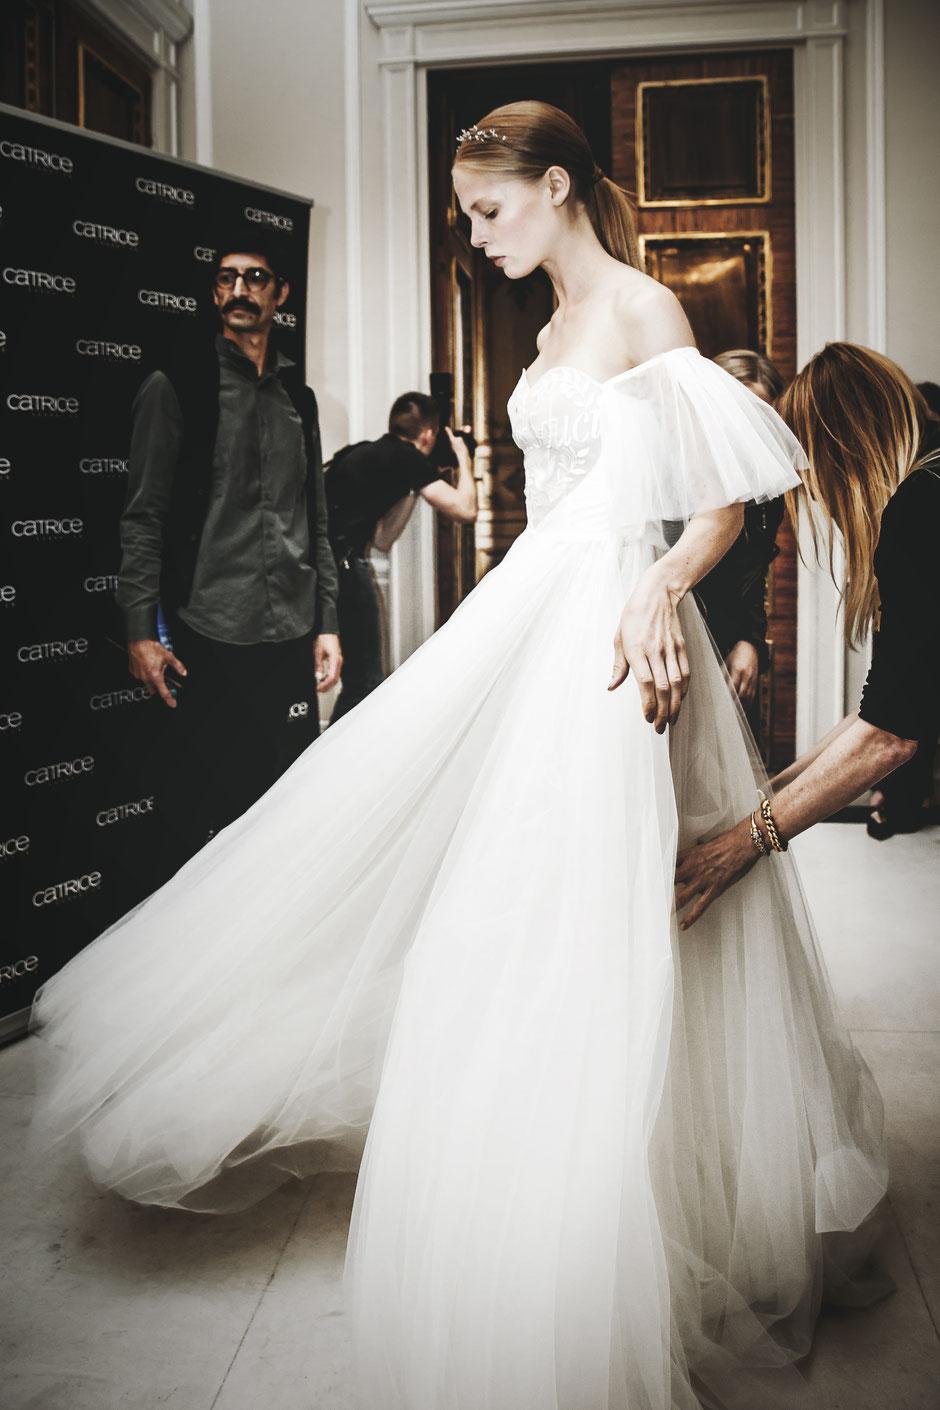 Traumhaftes Brautkleid von Klavier Gauche